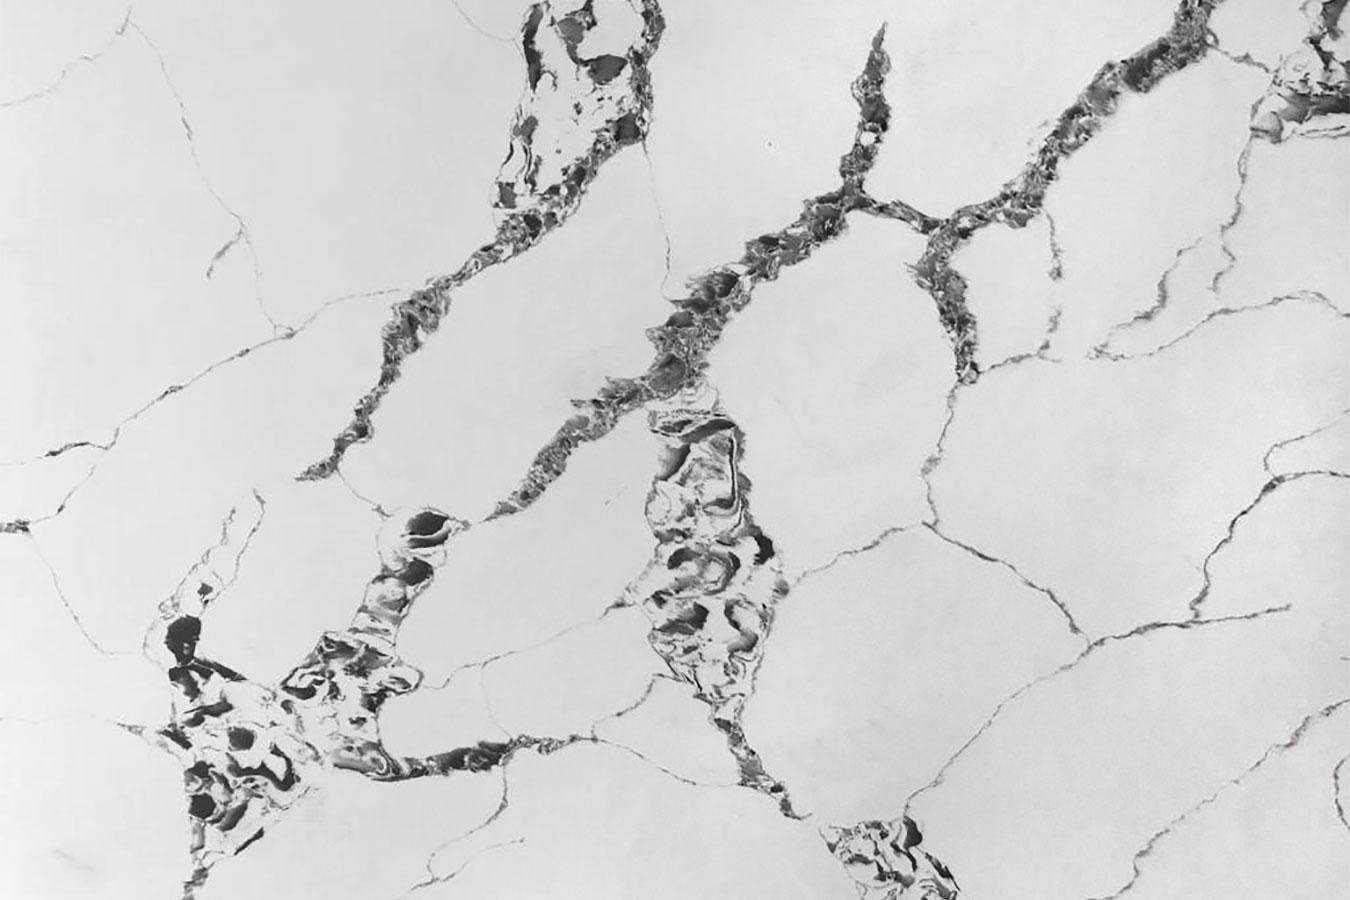 Marmo Antique Quartz slab